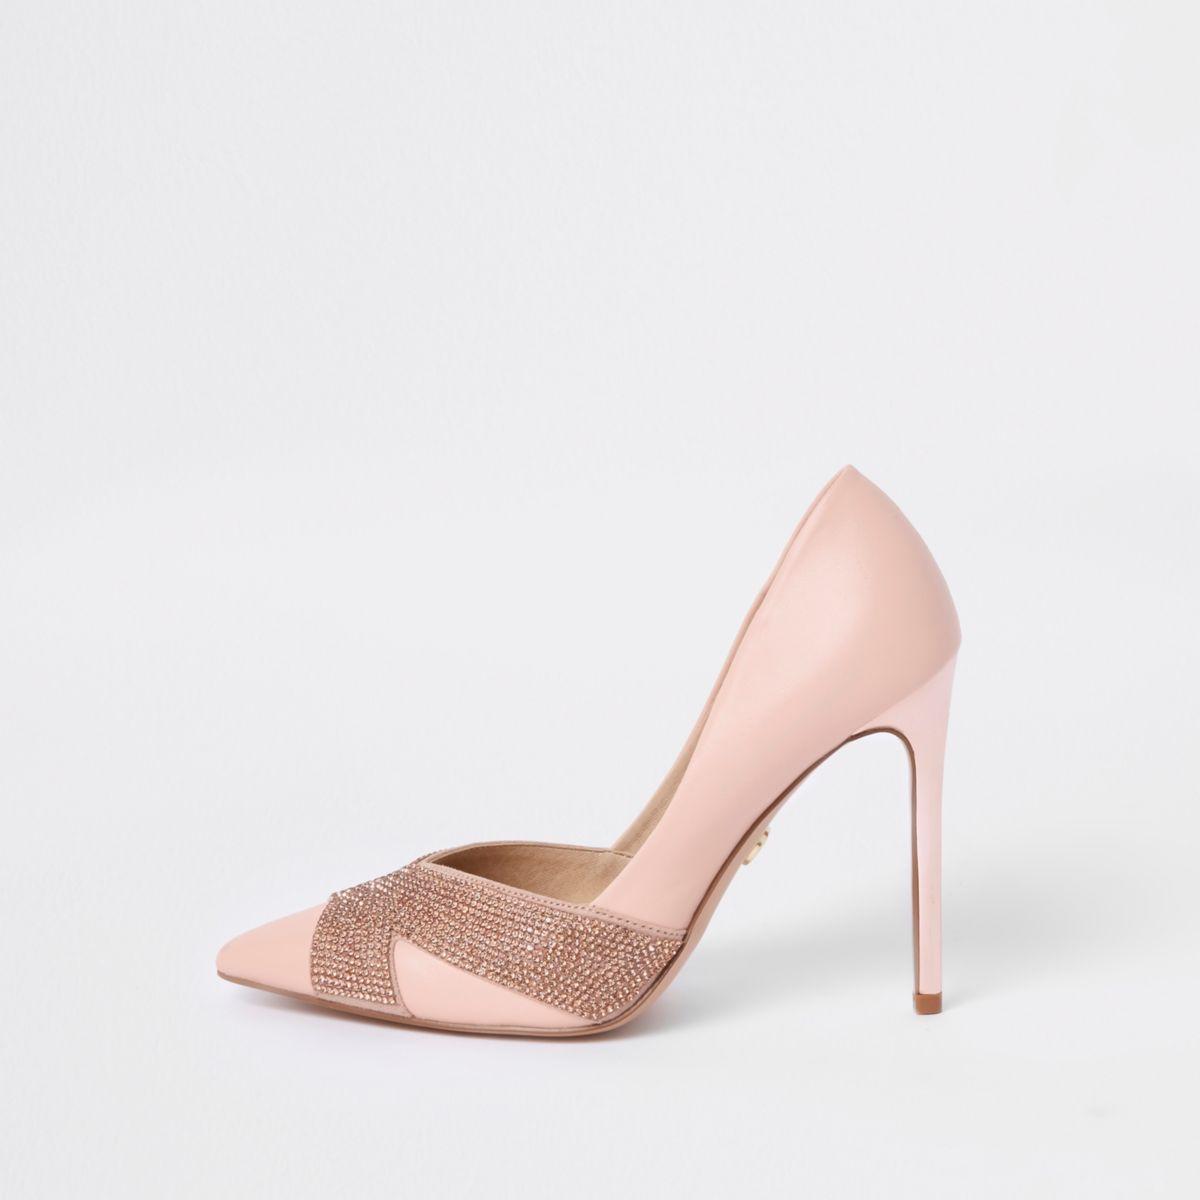 Rose gold embellished court shoes